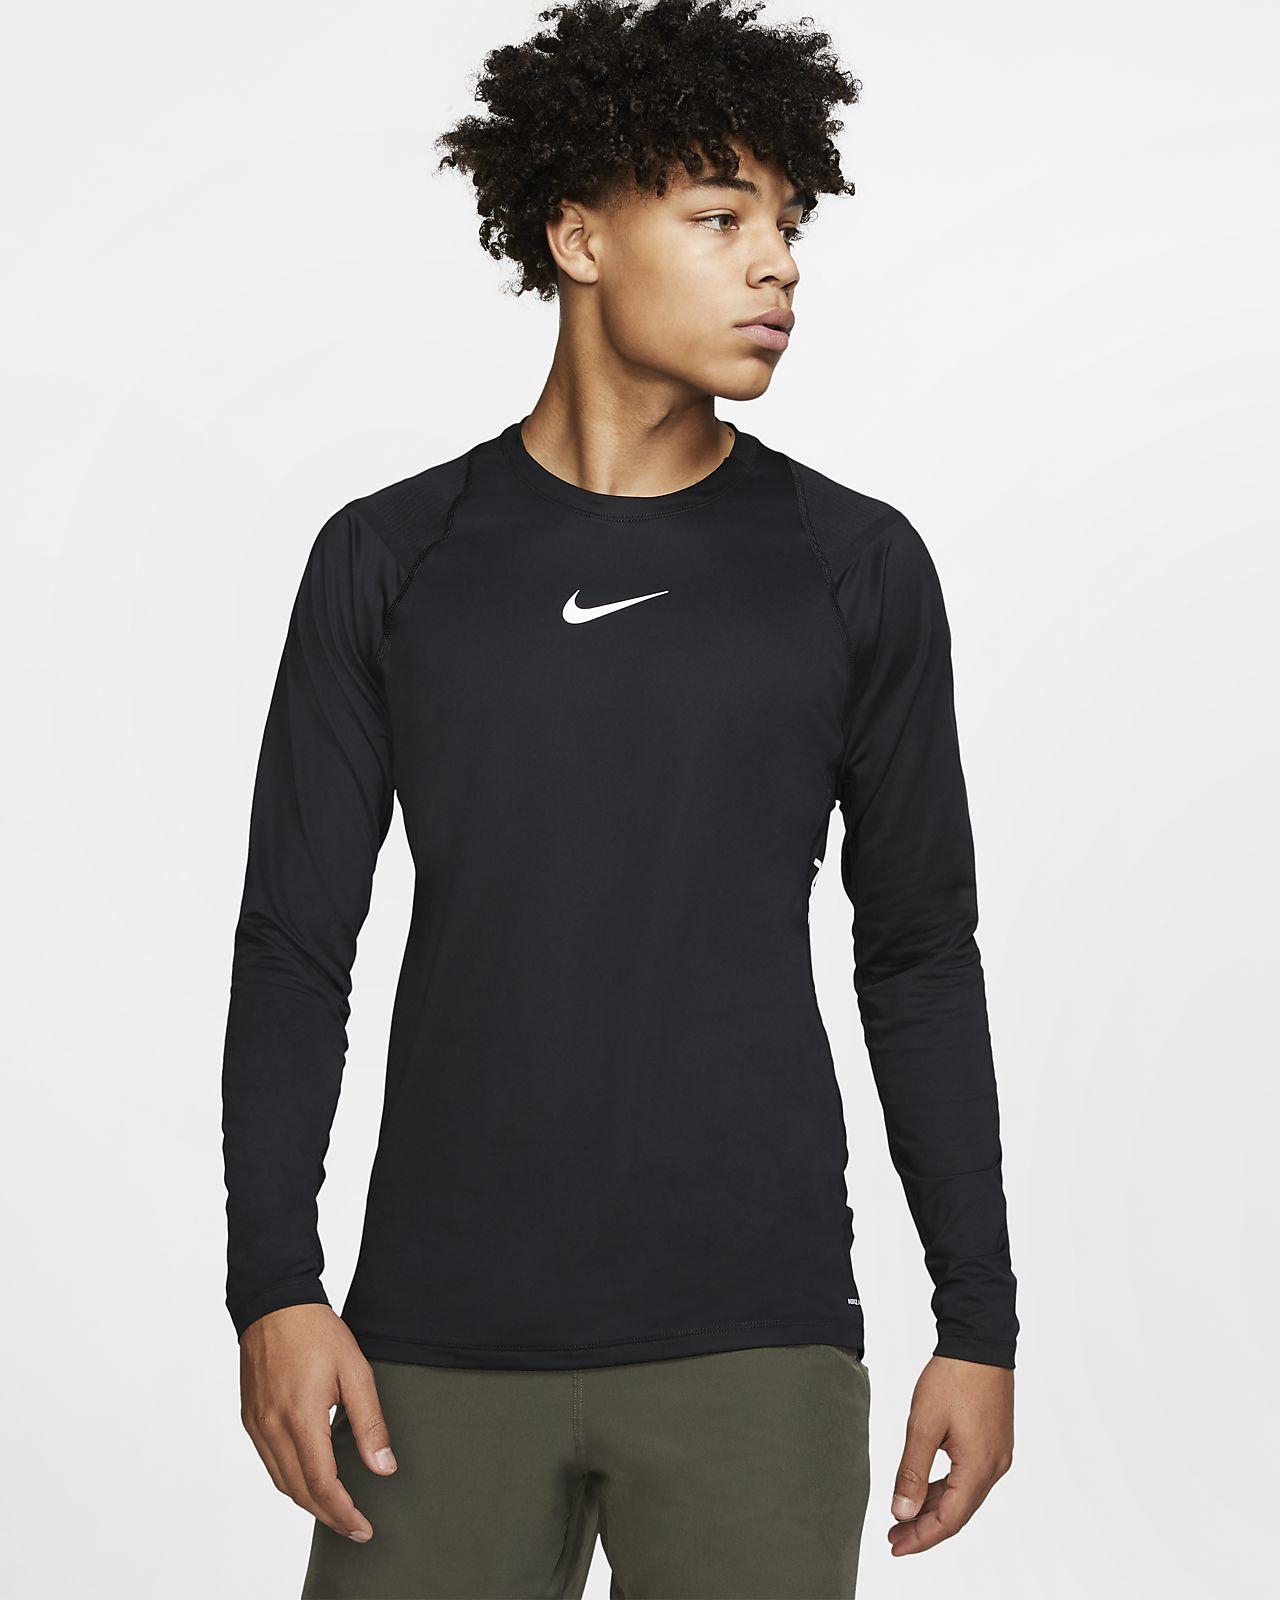 Мужская футболка с длинным рукавом Nike Pro AeroAdapt